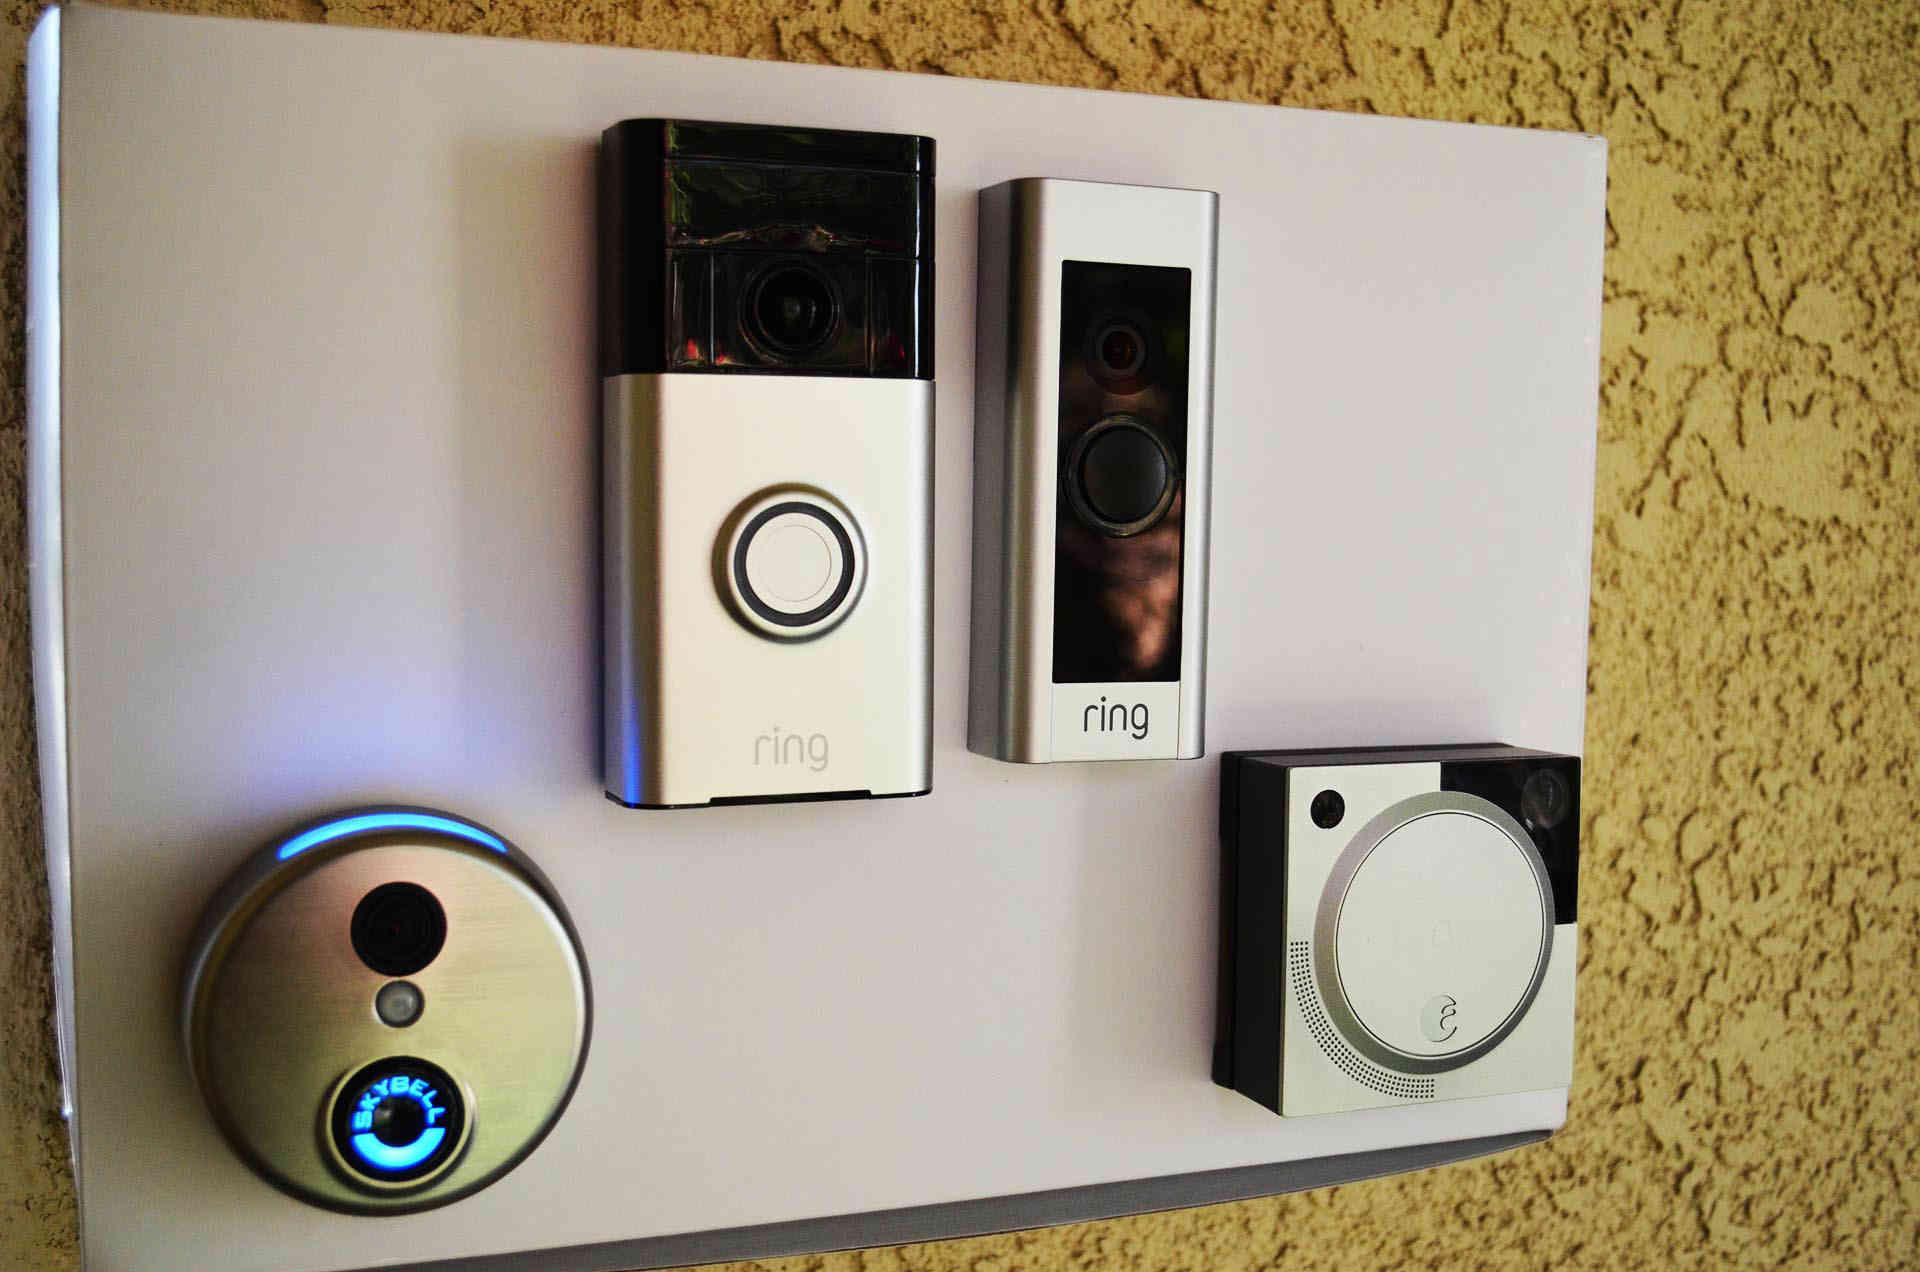 Best Video Doorbell Reviews Skybell Hd Vs Ring Pro Vs